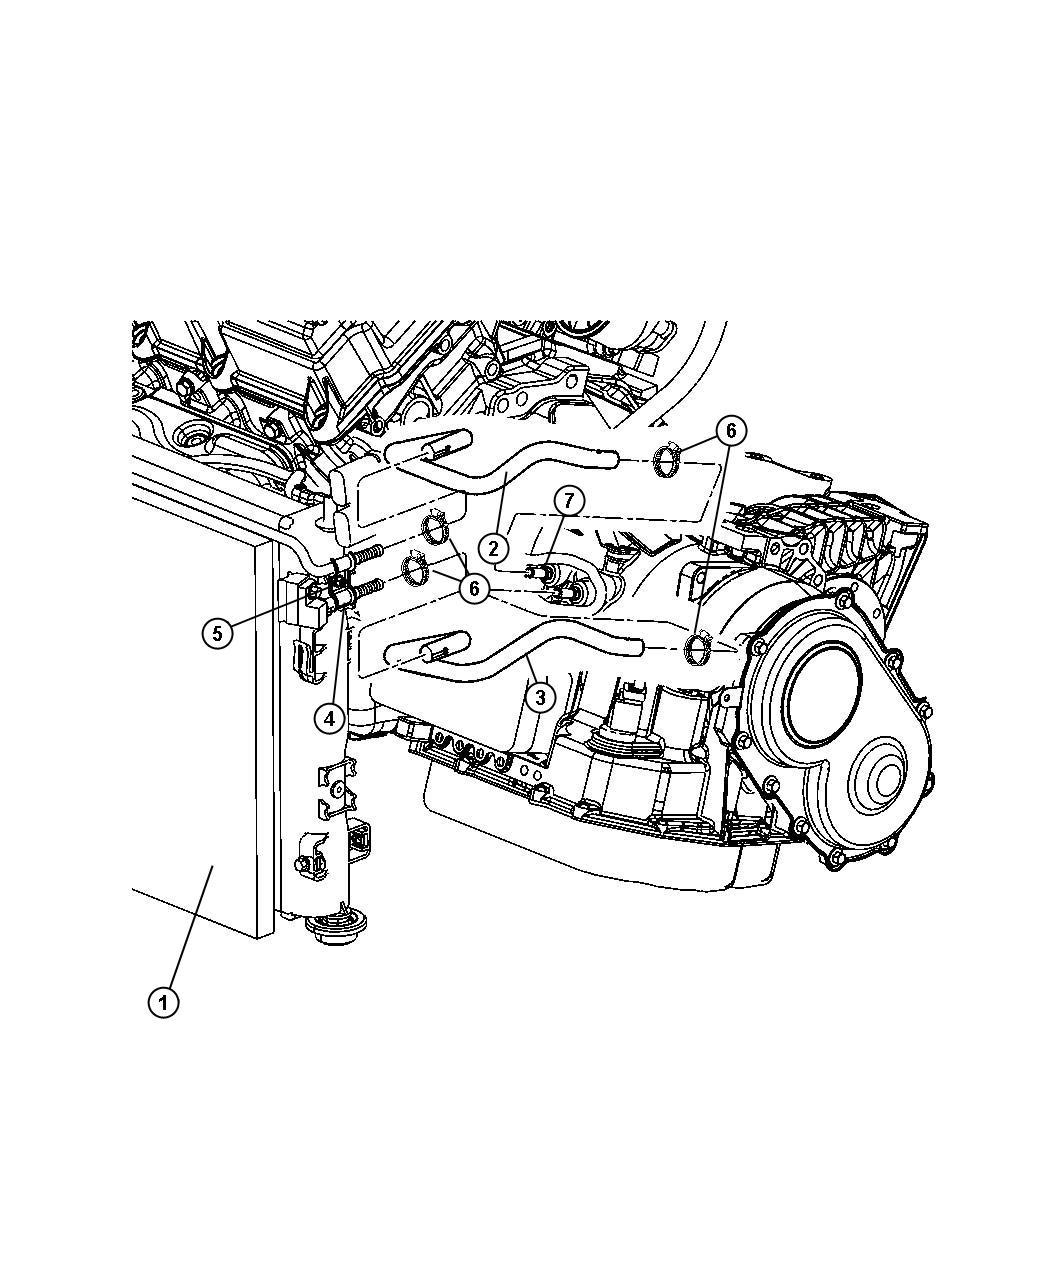 Chrysler Sebring Tube. Trans oil cooler inlet. Engine